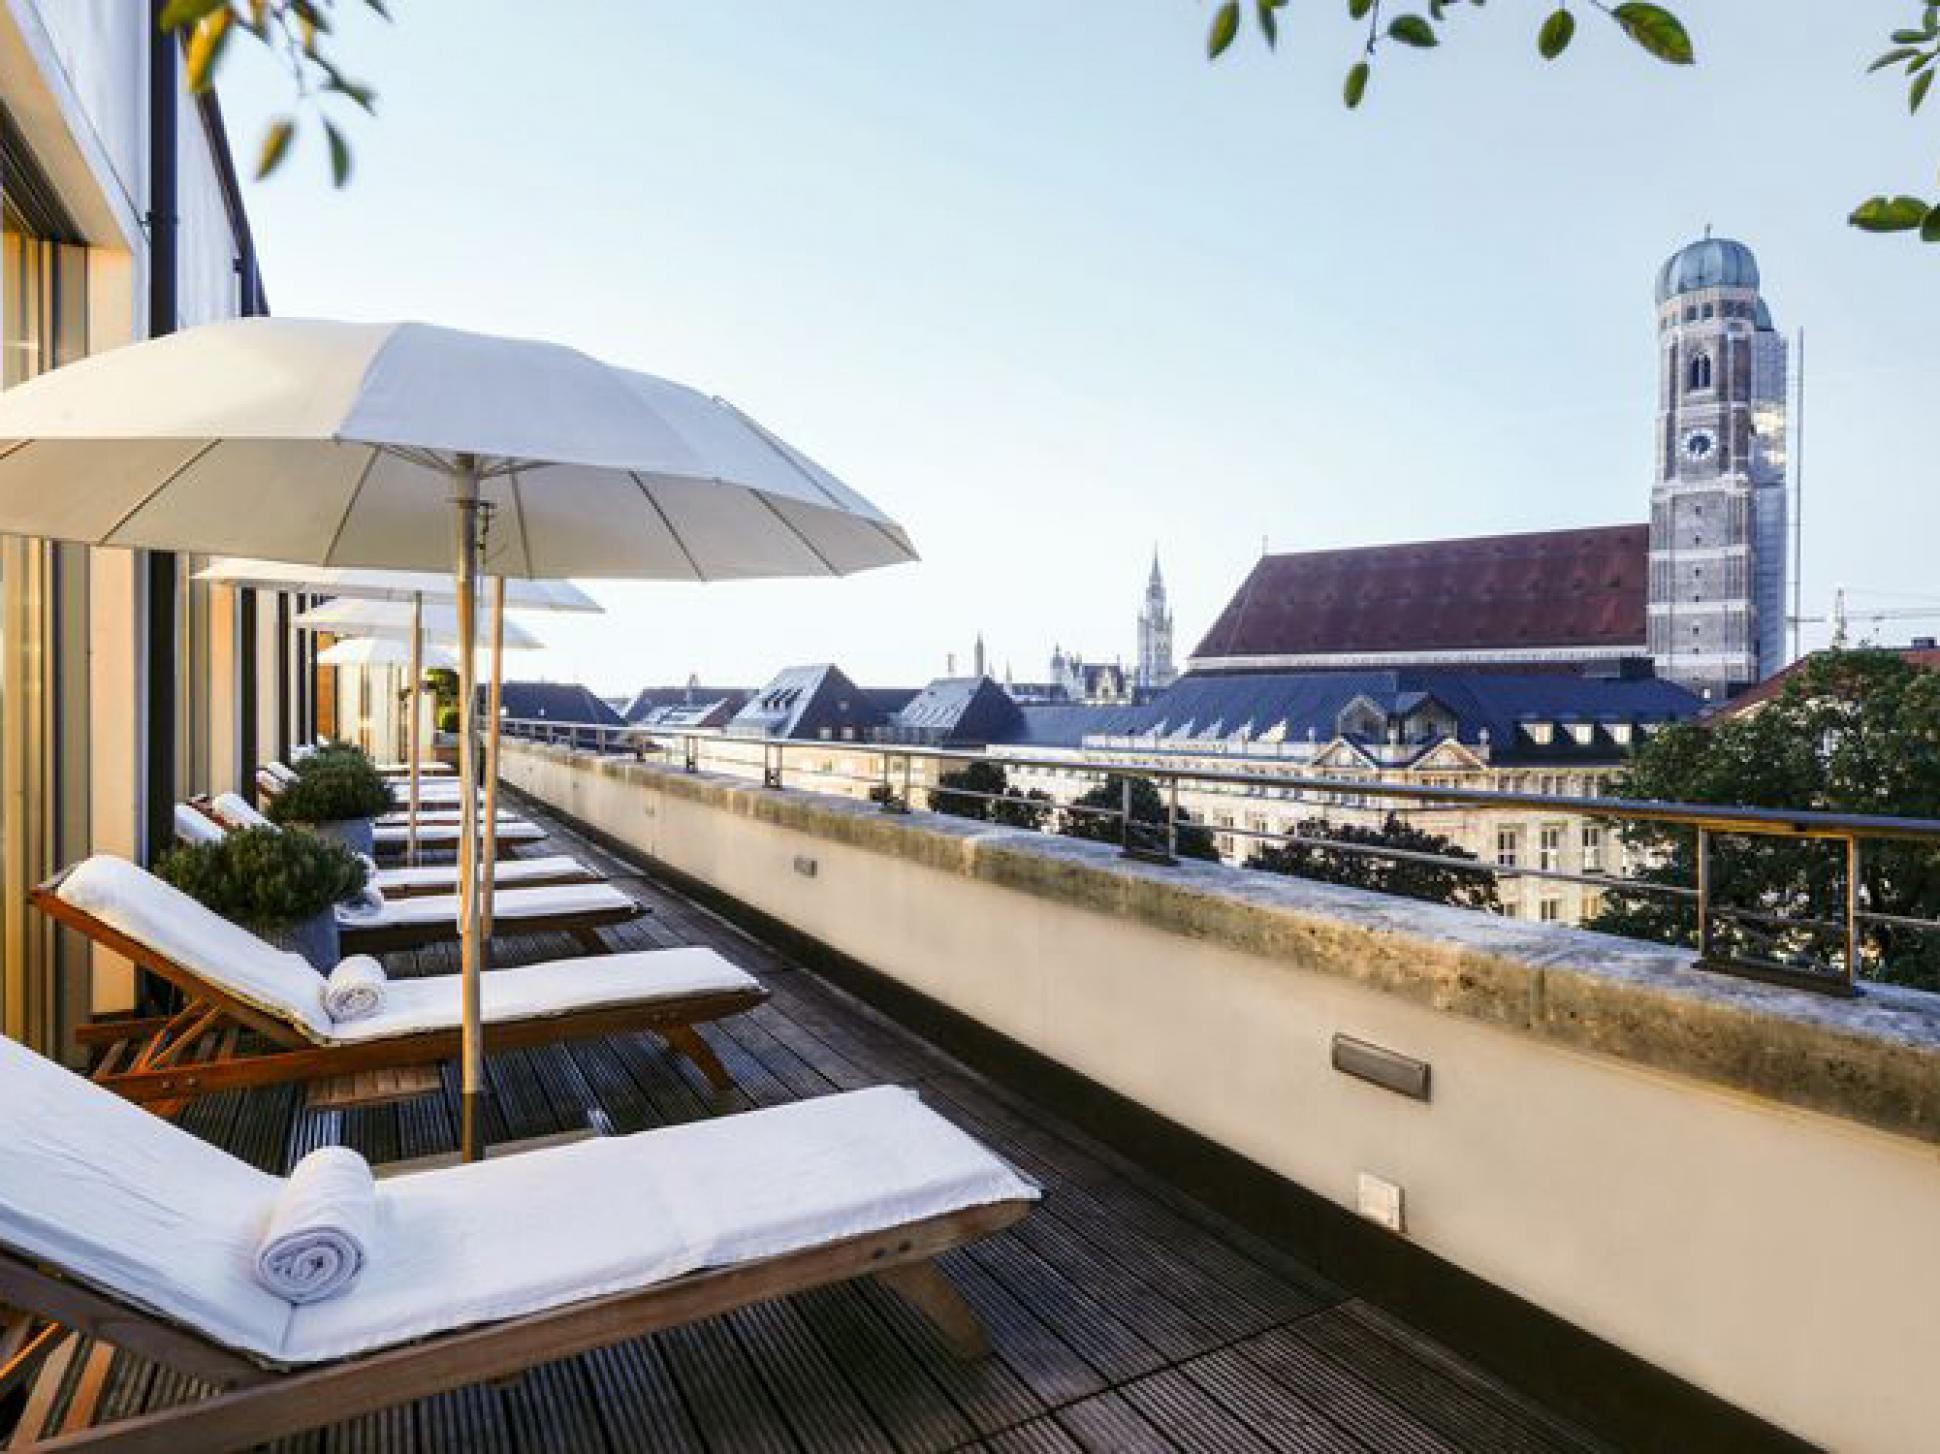 blue-spa-lounge-pool-bar-bayerischer-hof-munchen-rooftop753b458f1629ee7d.jpg